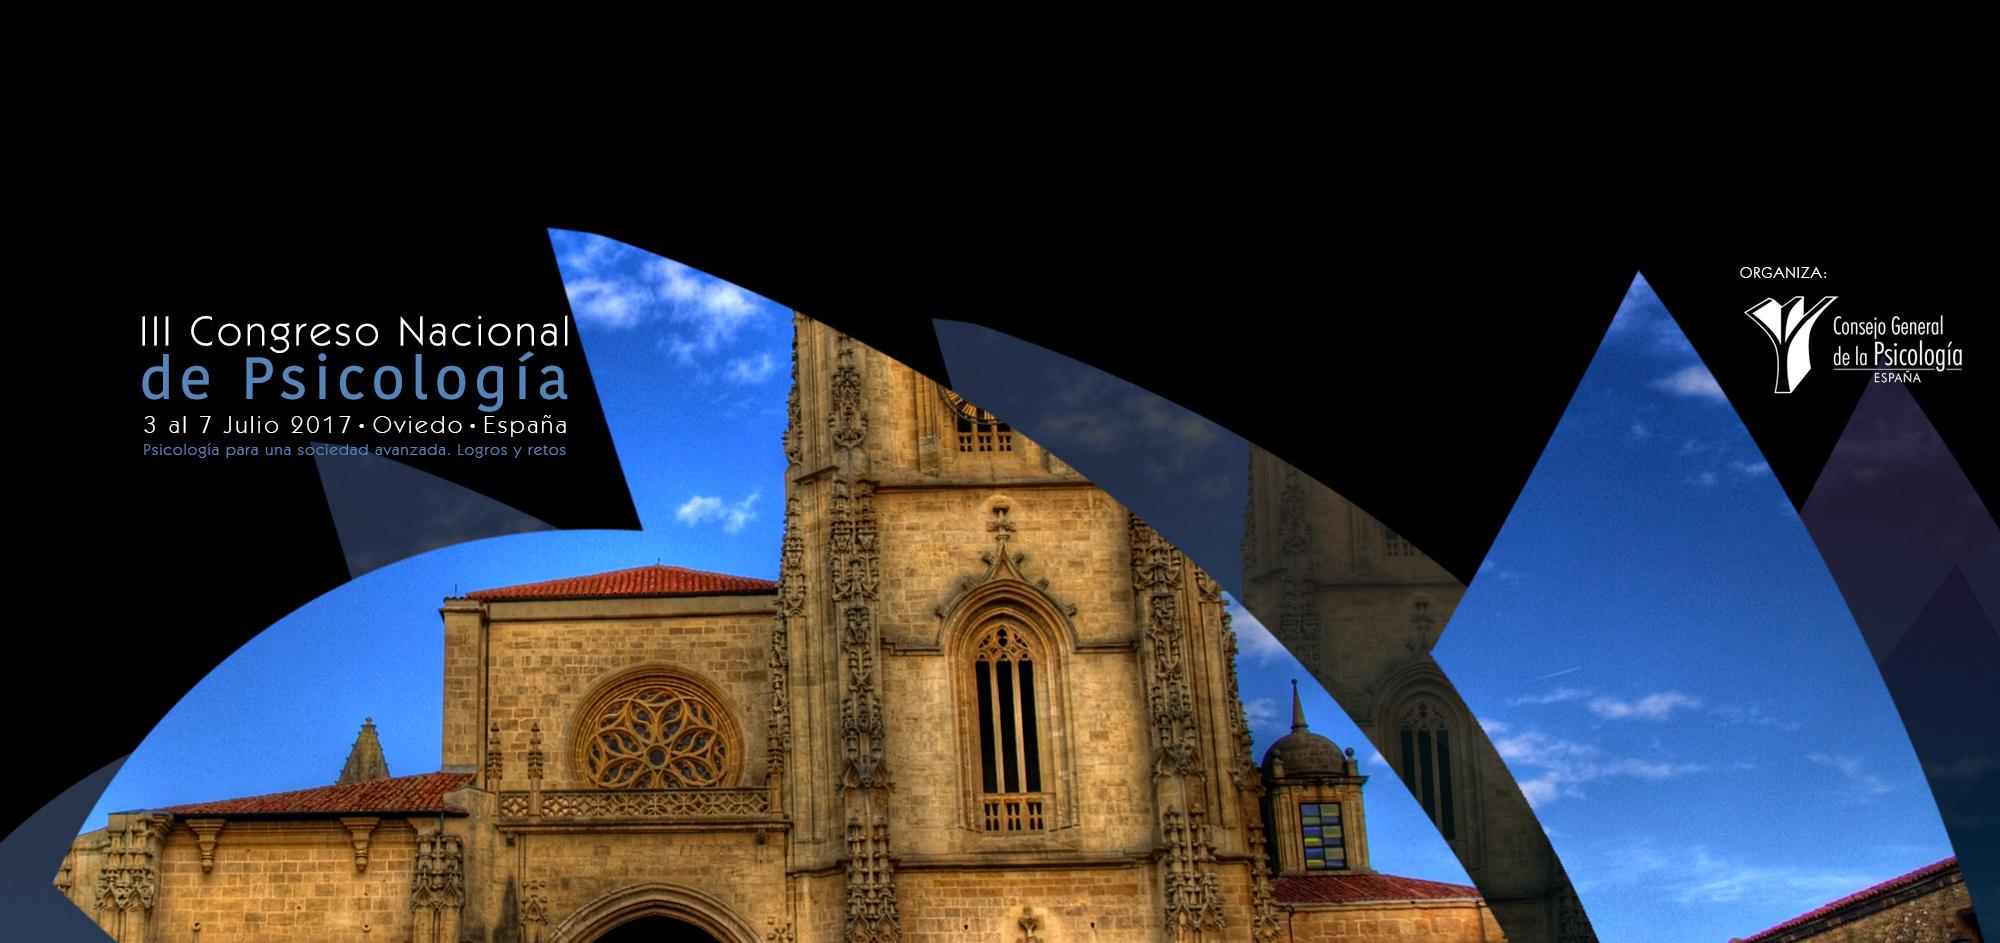 III Congreso Nacional de Psicología de Oviedo 2017